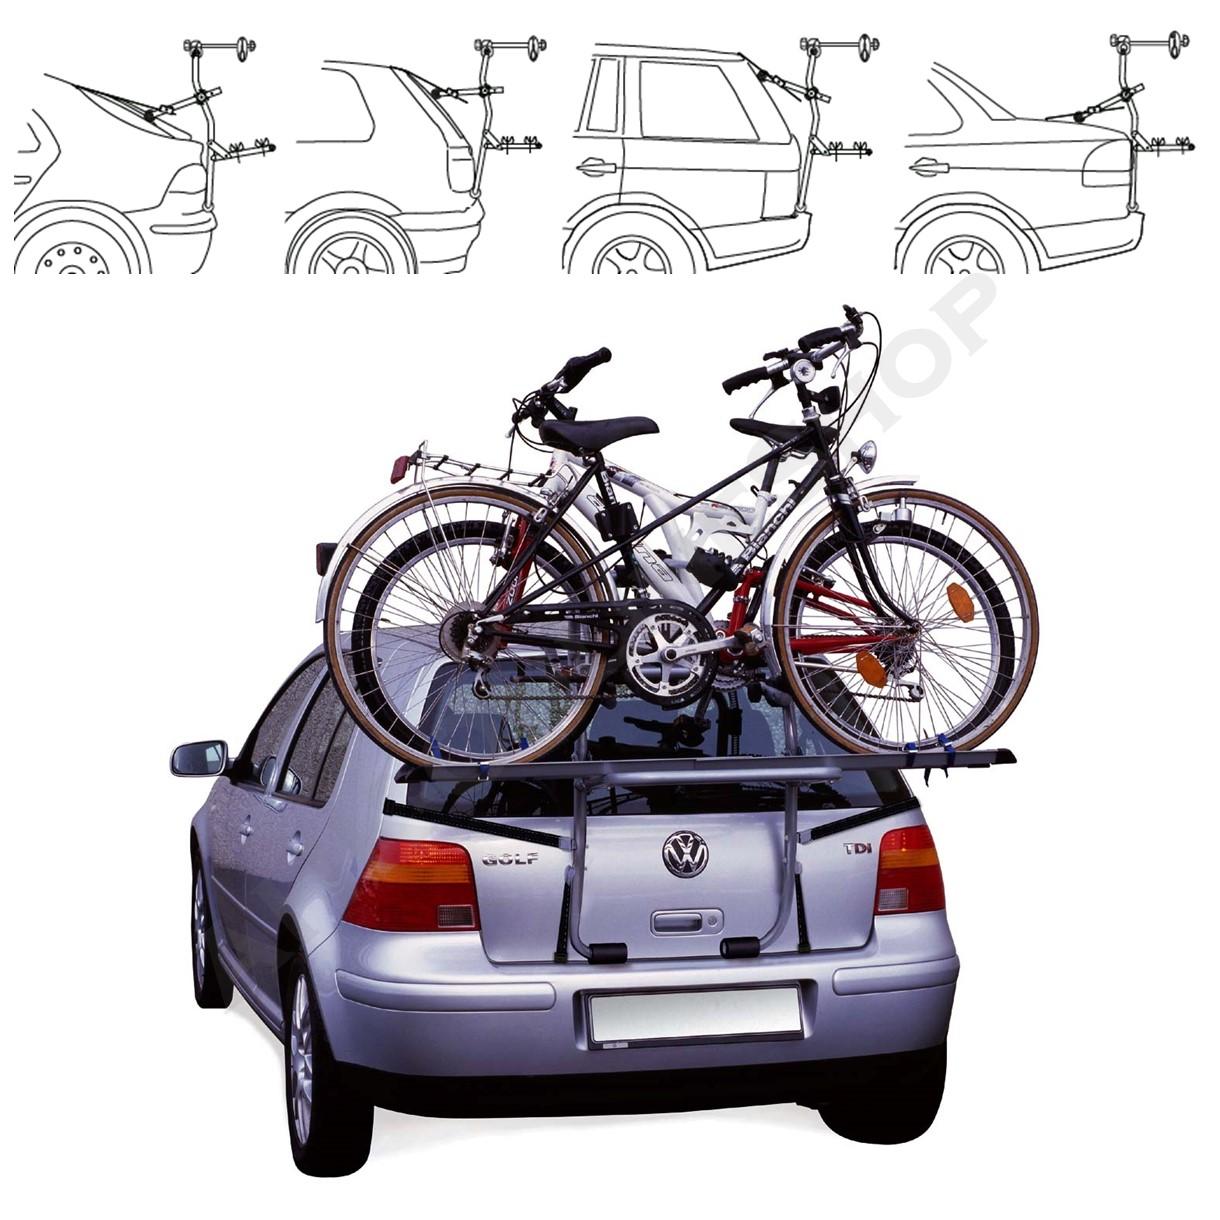 vw golf bj ab 1991 fahrradtr ger heckklappe f r 2 fahrr der hecktr ger ebay. Black Bedroom Furniture Sets. Home Design Ideas